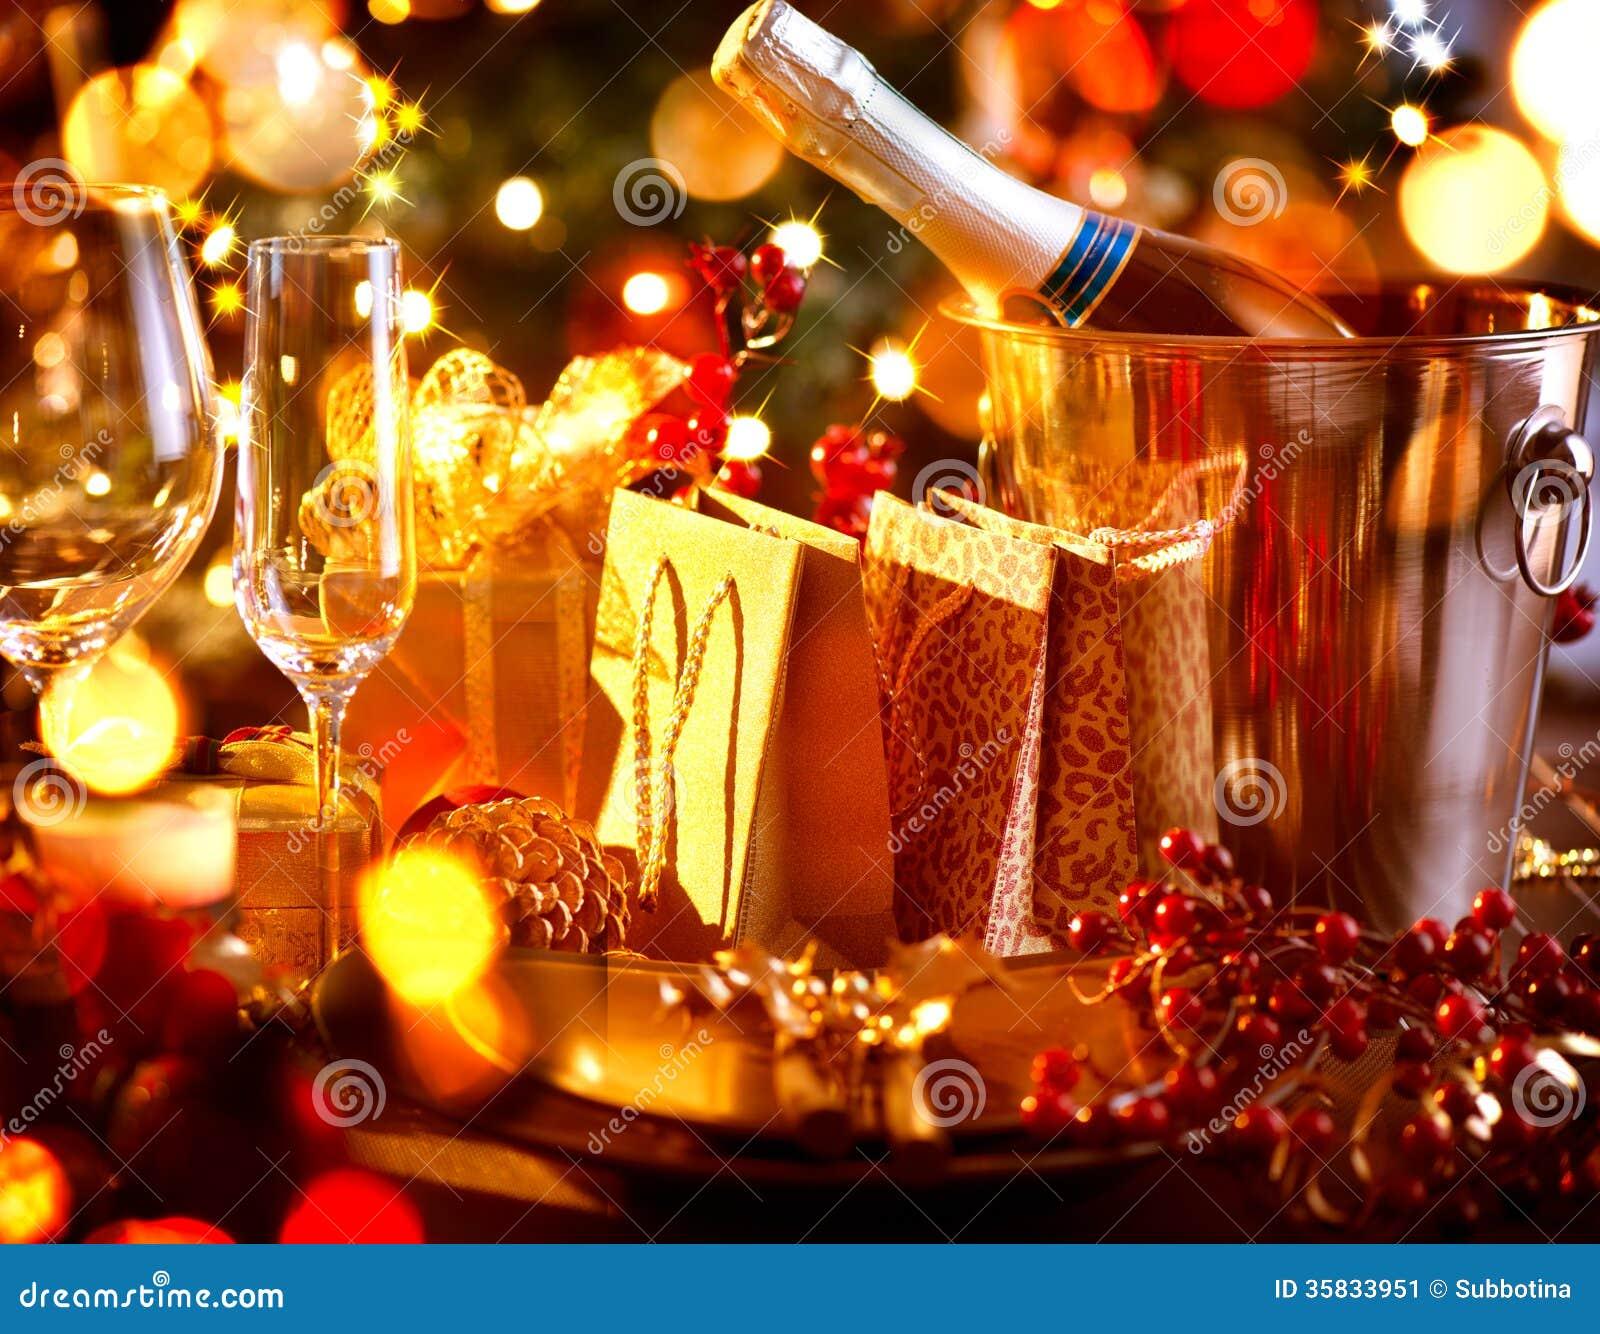 Christmas Holiday Table Setting Stock Image Image 35833951